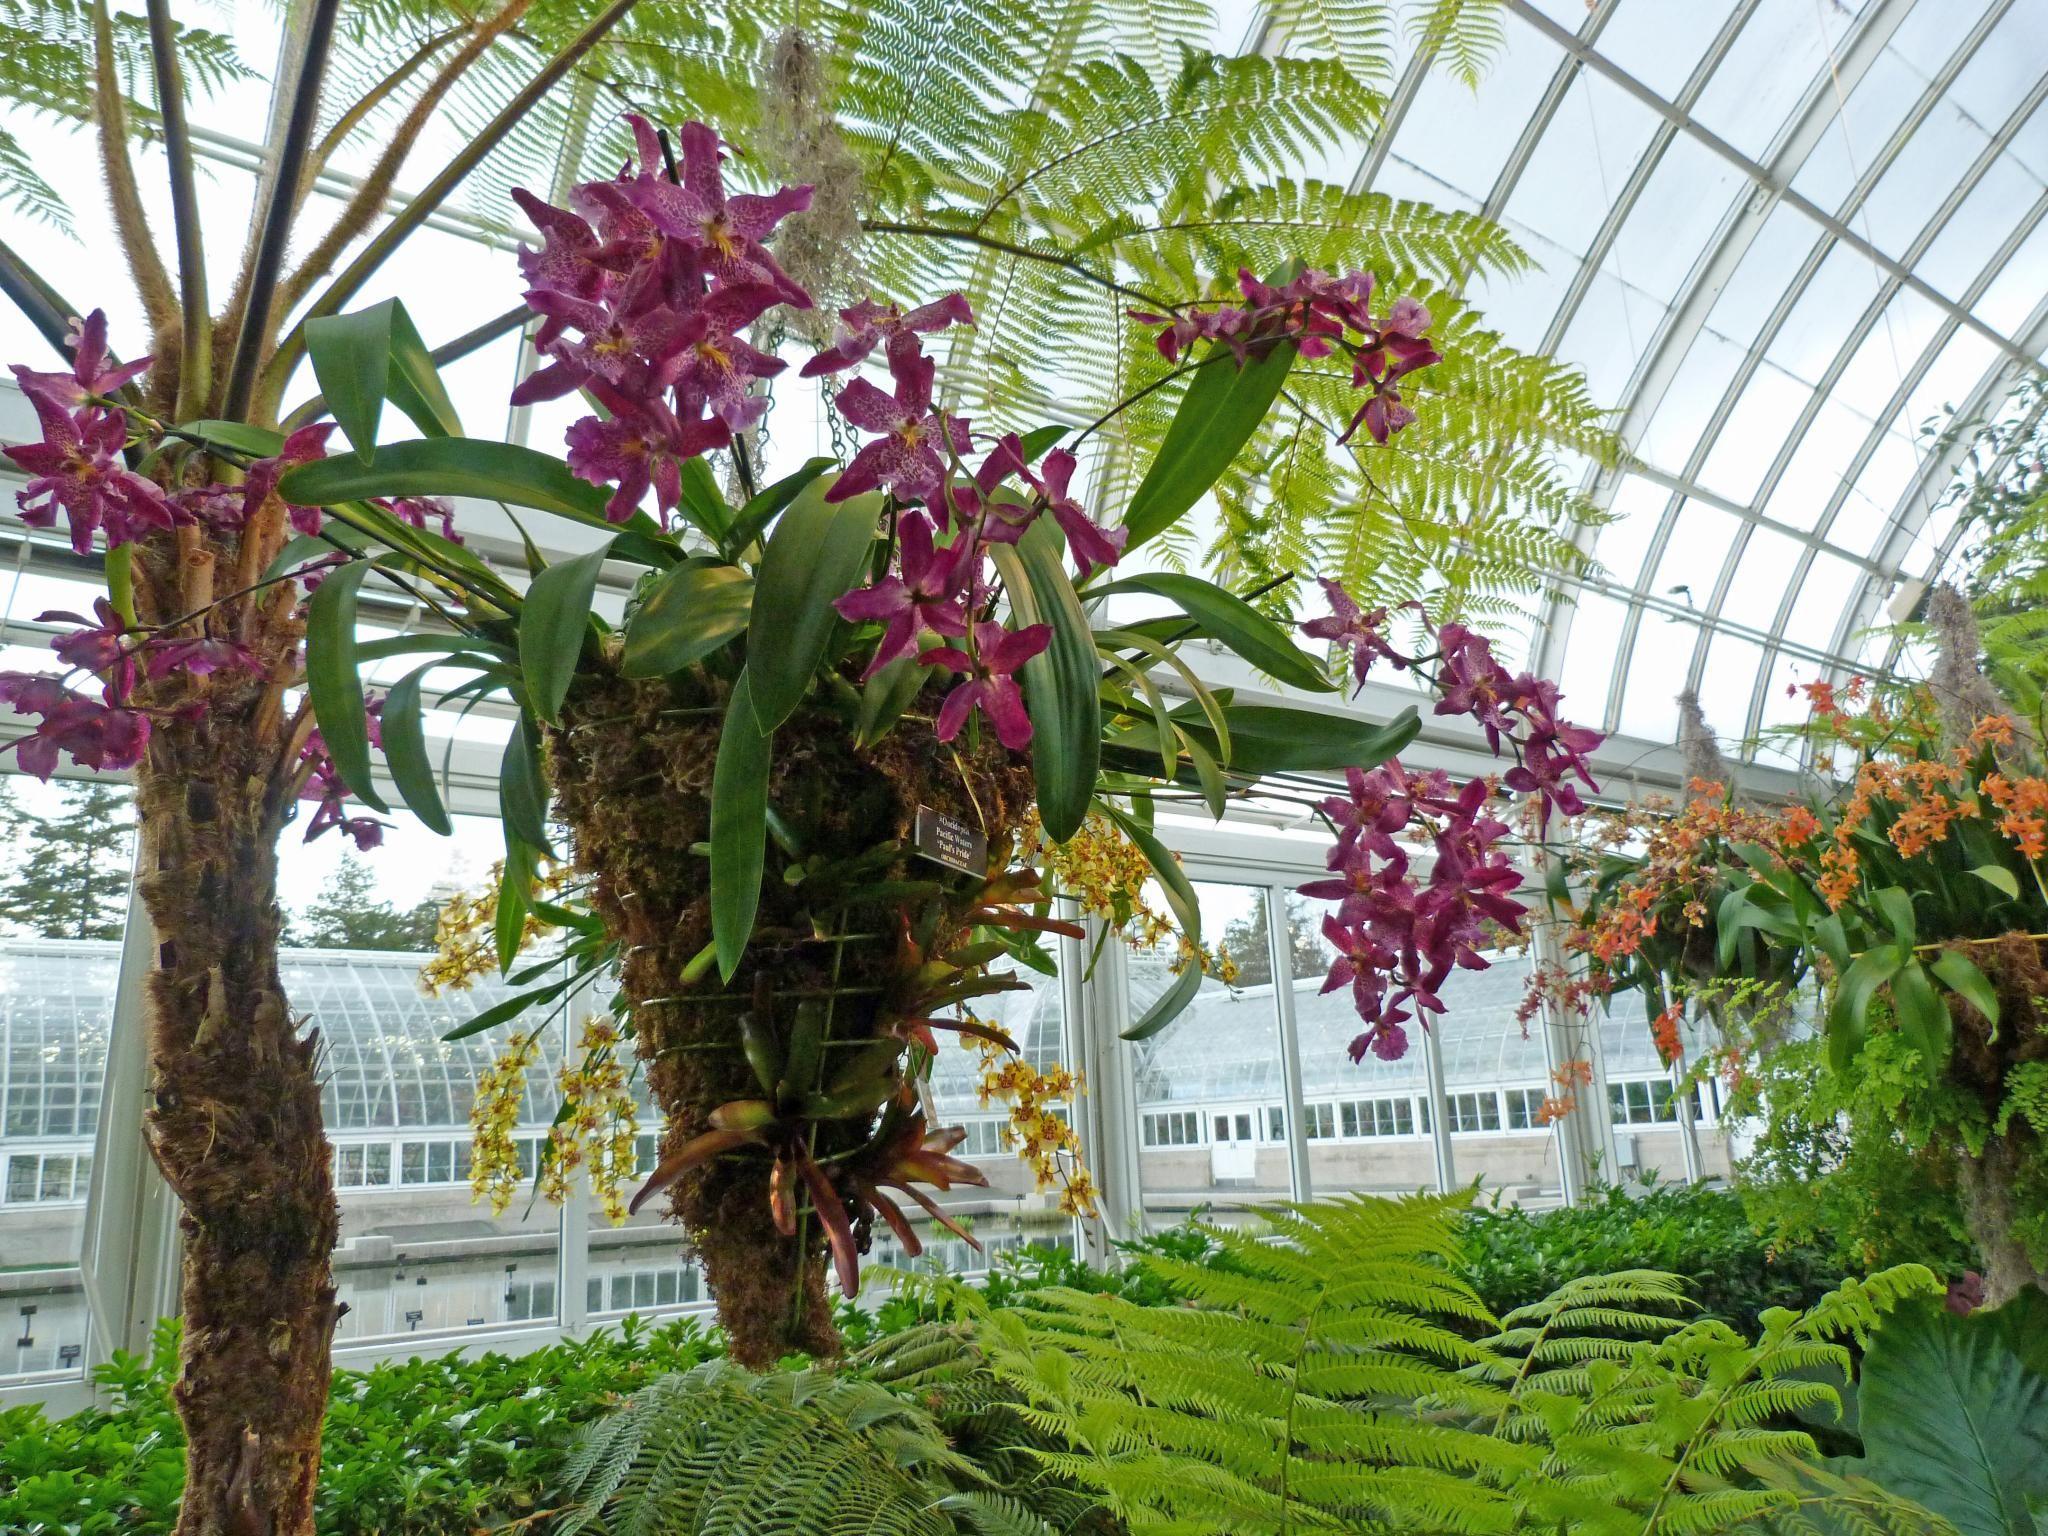 La Exposición de orquídeas en el Jardín Botánico de Nueva York | Jardinería Fine